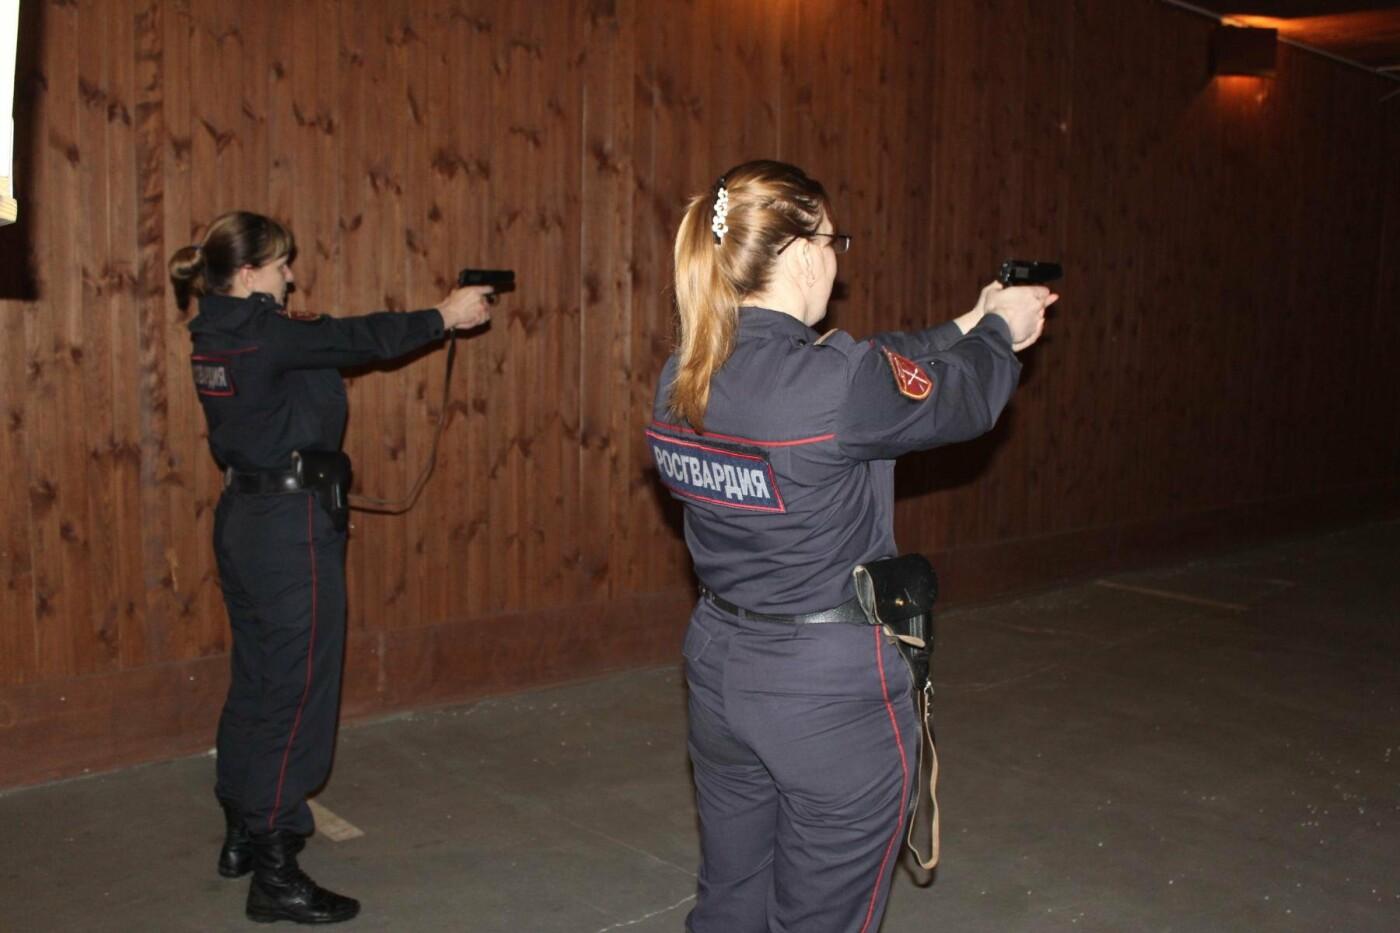 В Отделе Росгвардии по Псковской области состоялся турнир по стрельбе среди женщин, фото-2